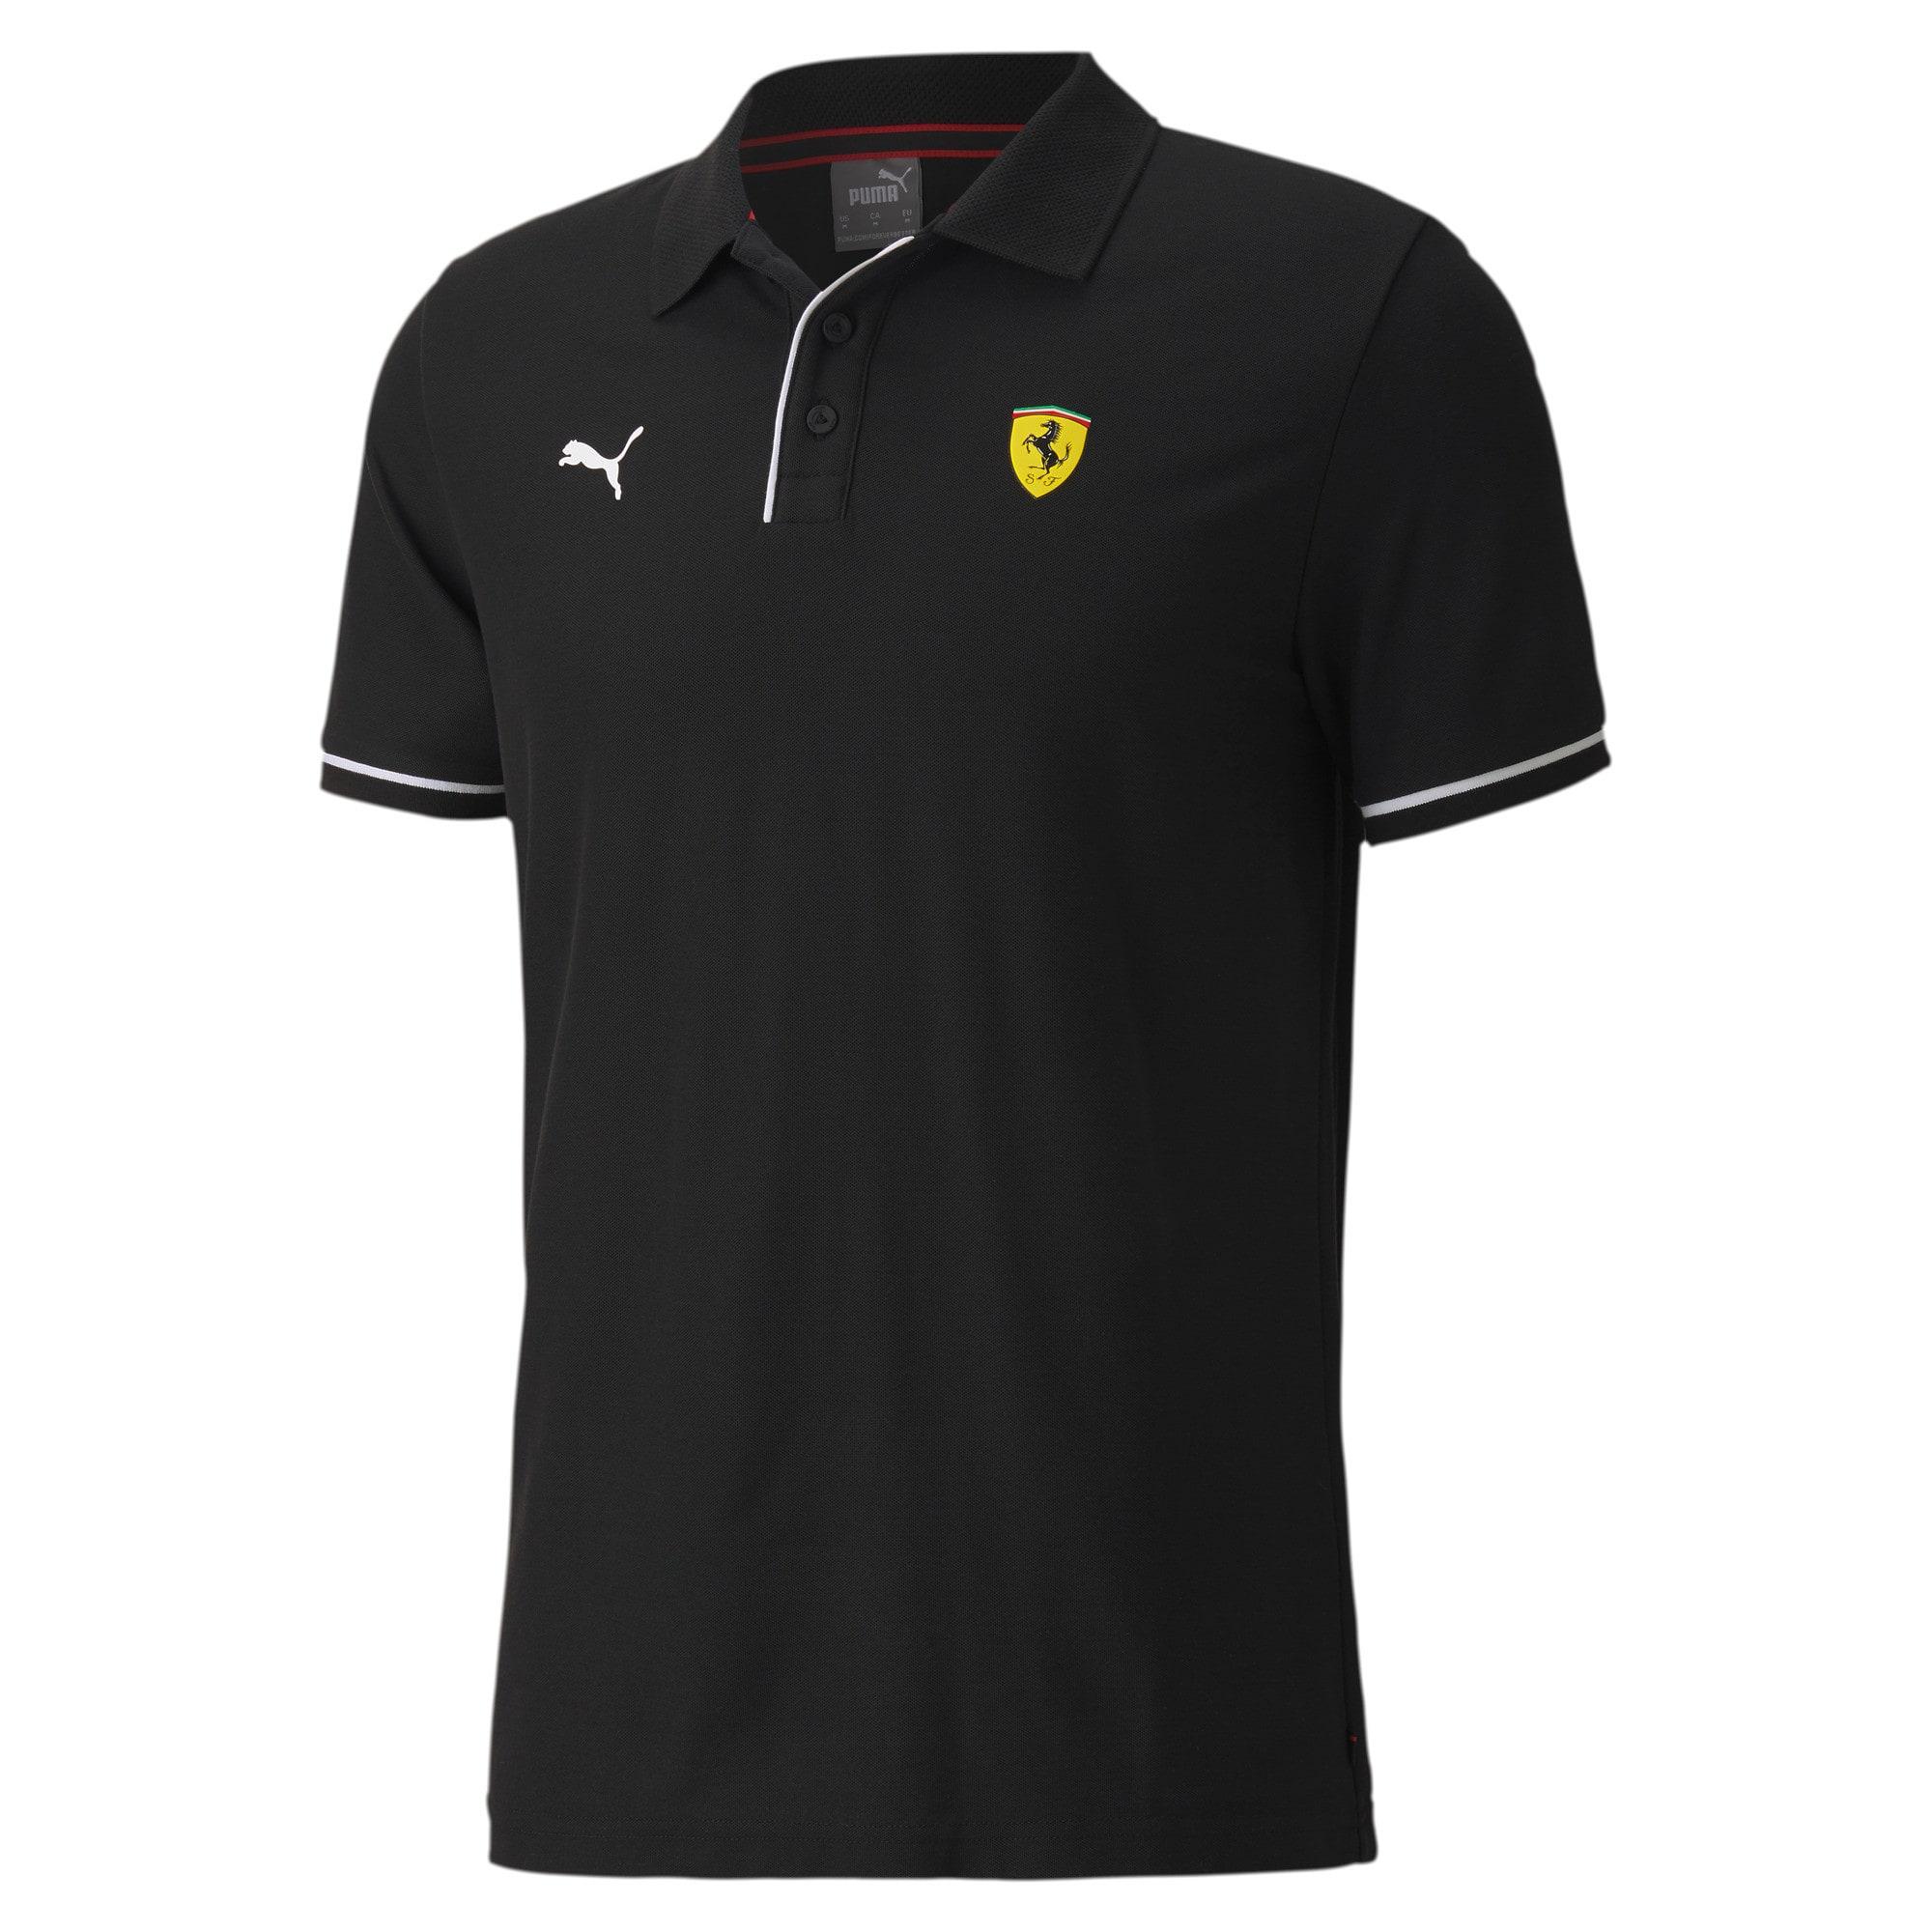 Camisa Polo Puma Scuderia Racing Ferrari Masculino Preto